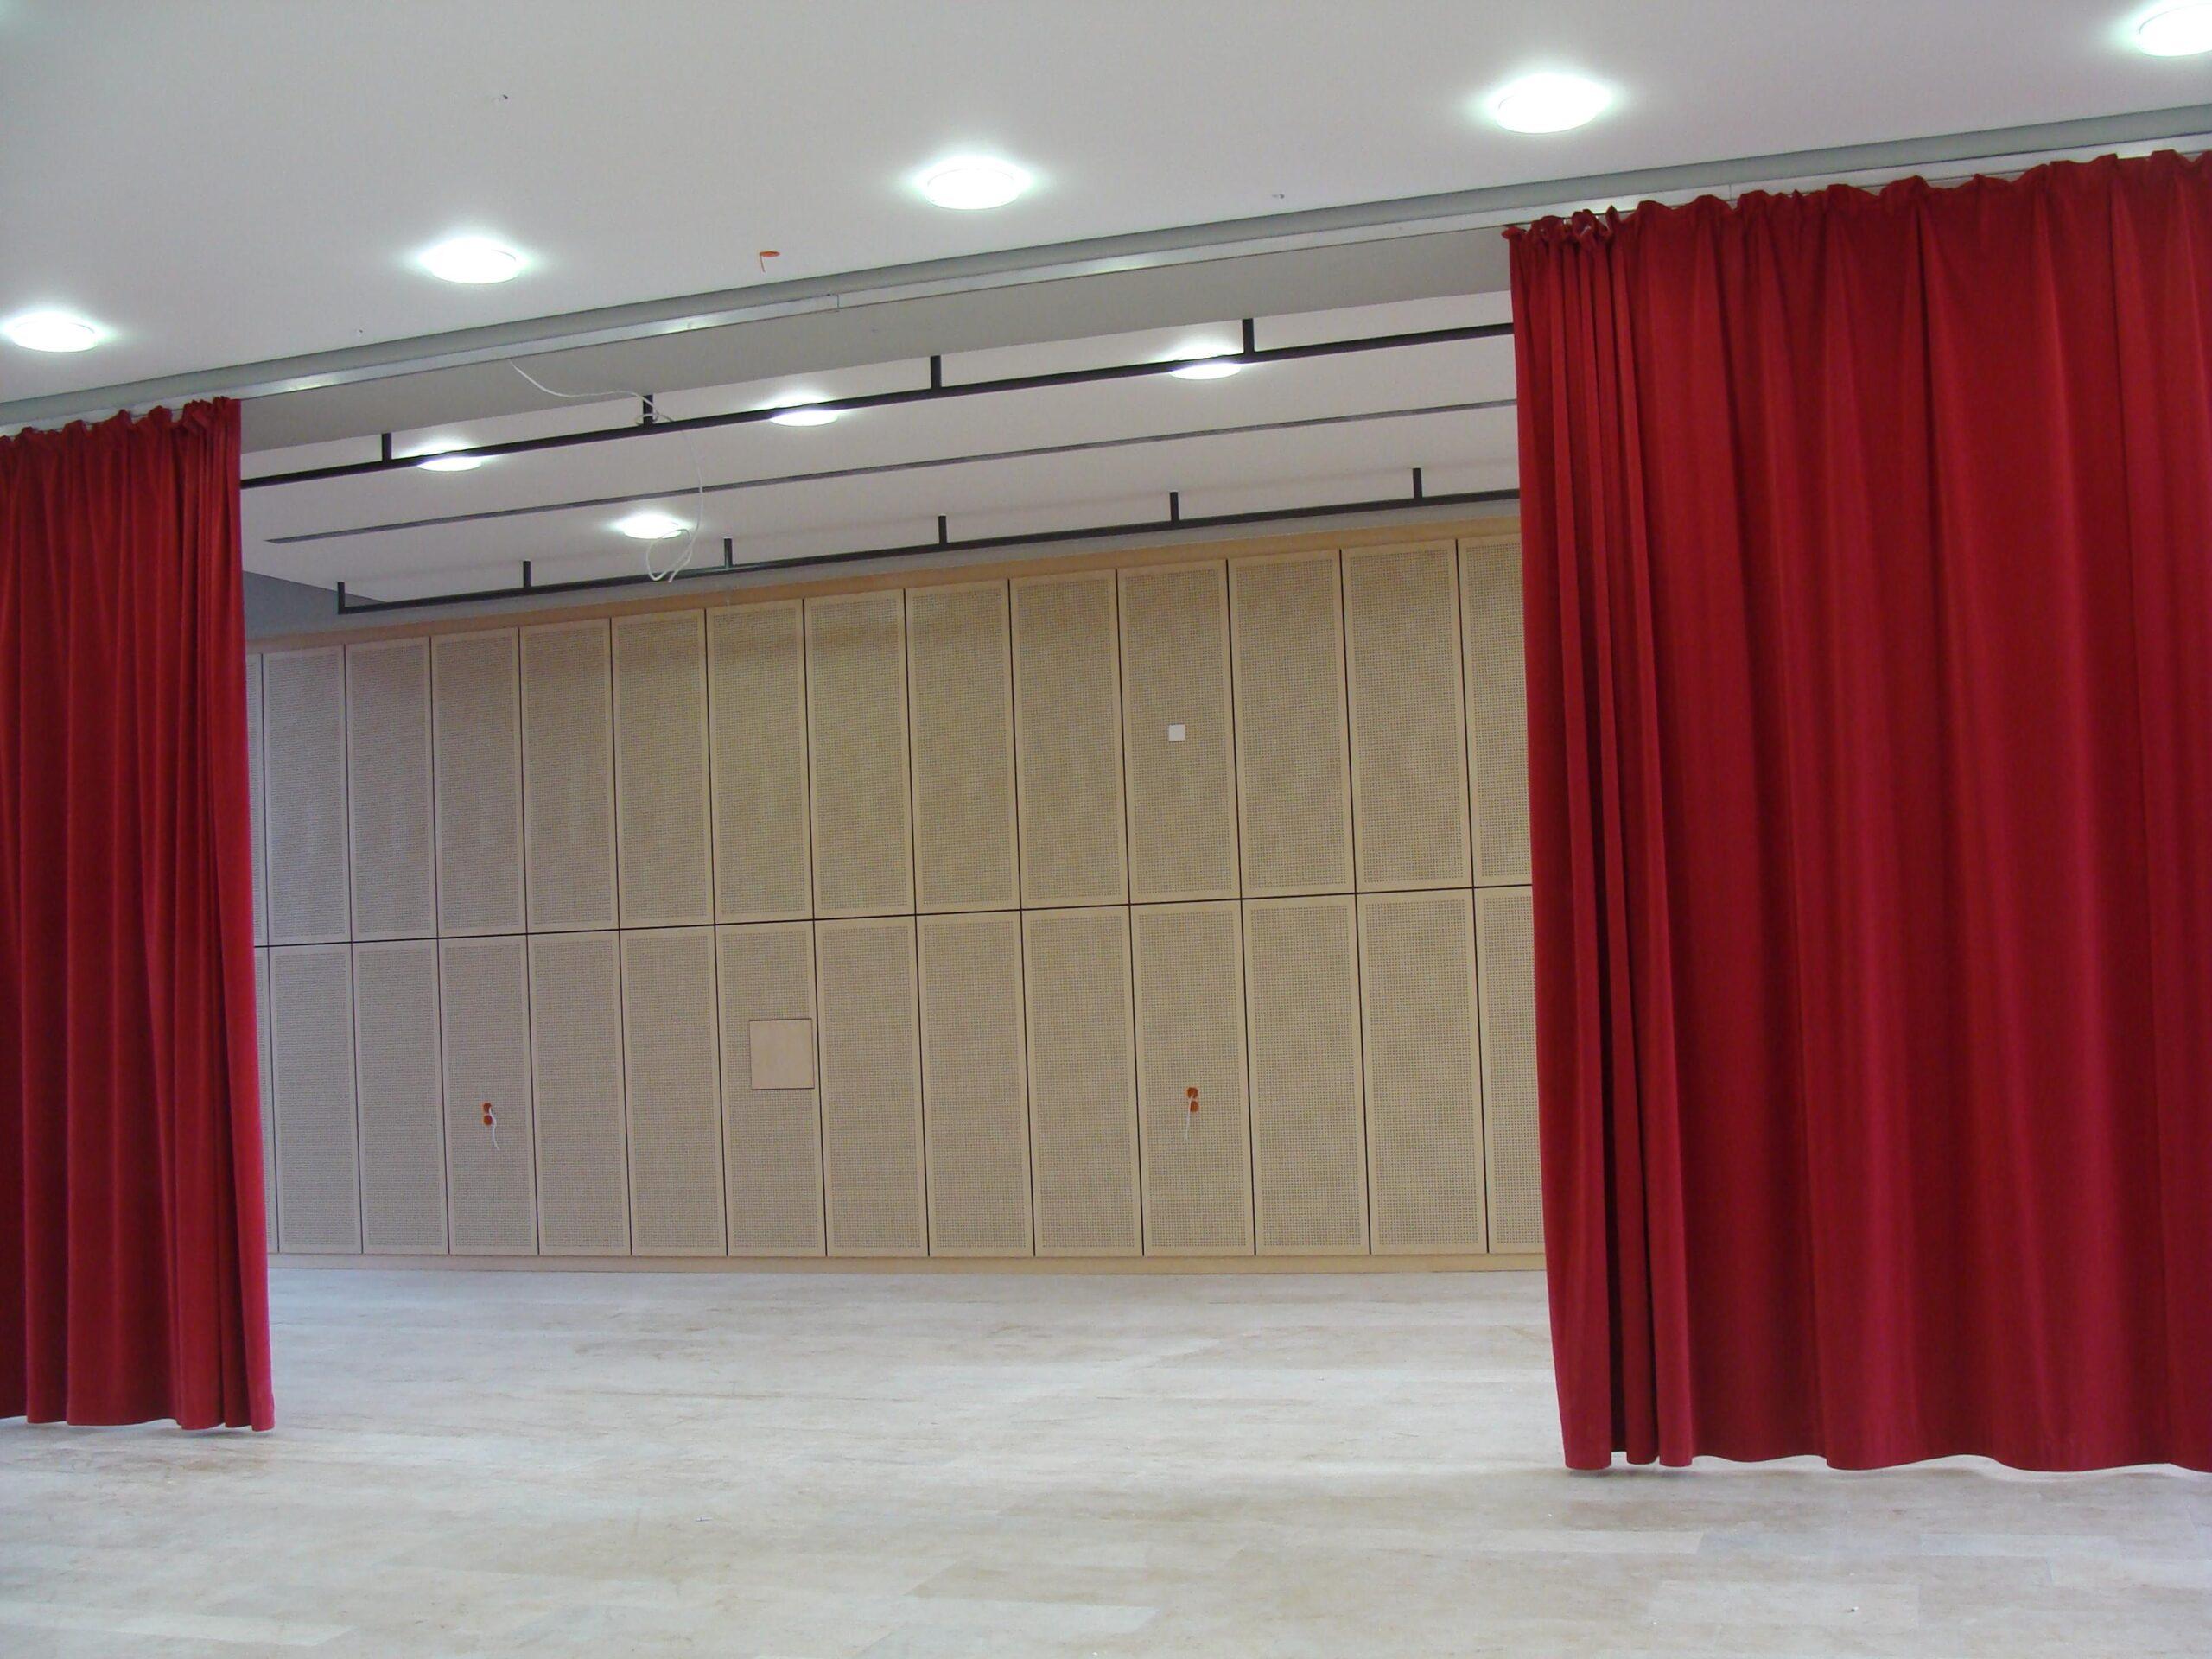 Full Size of Vorhänge Schiene Schlafzimmer Küche Wohnzimmer Wohnzimmer Vorhänge Schiene